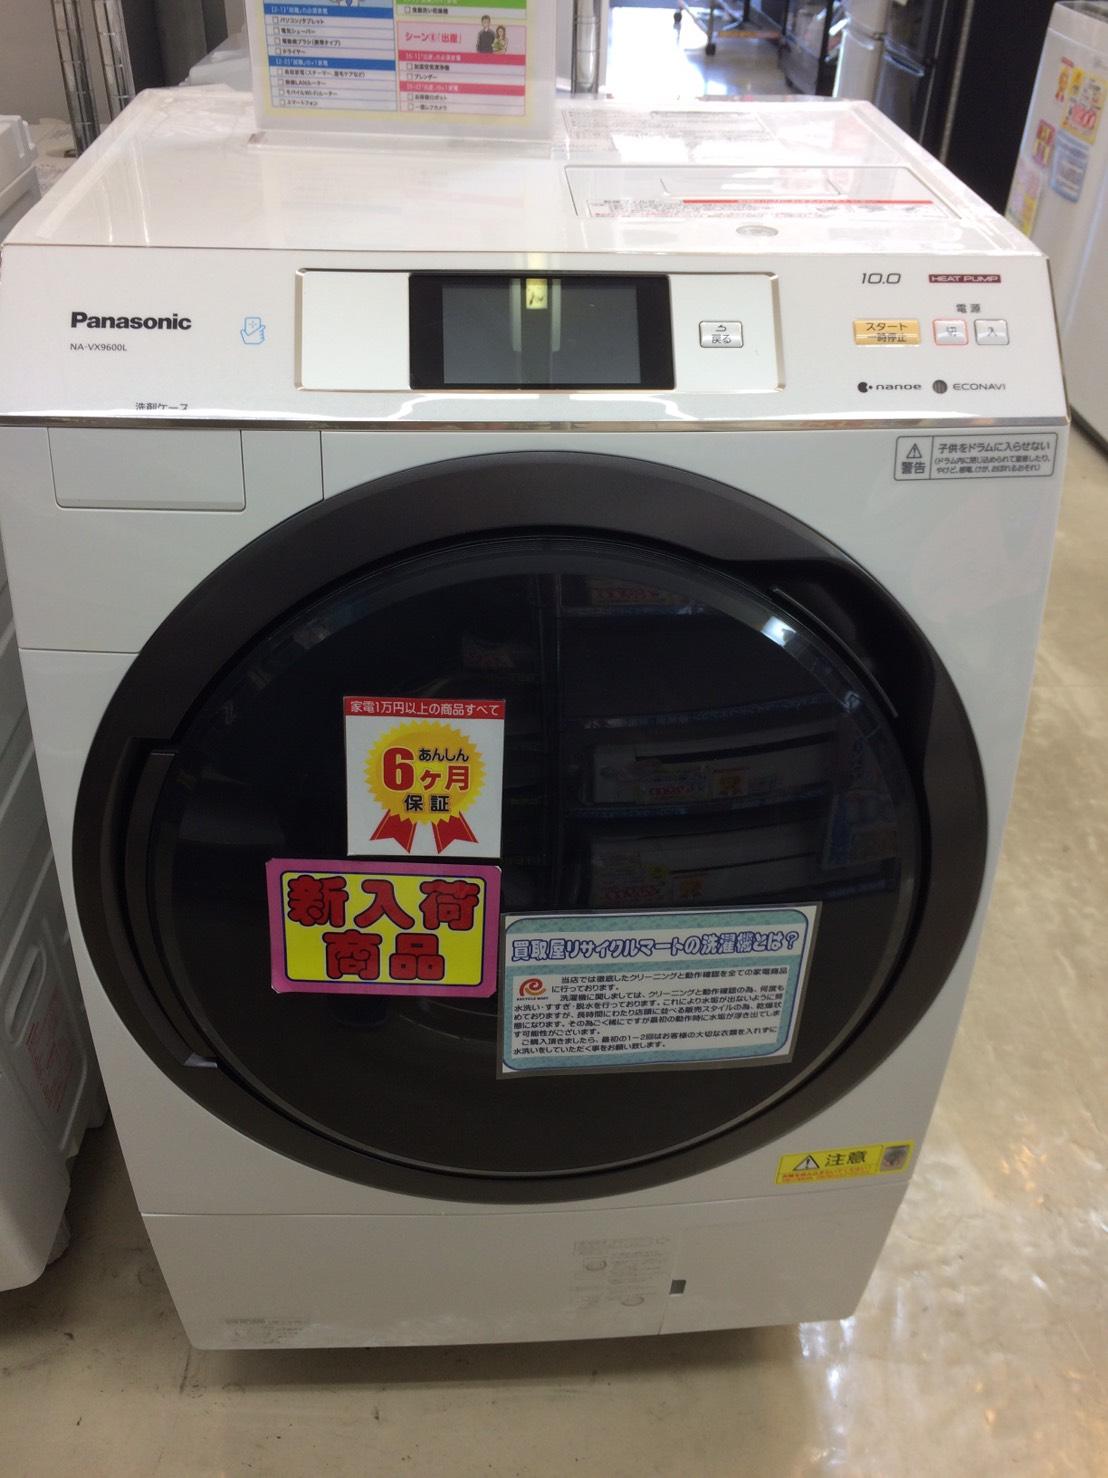 大きなサイズ入荷しました!!【Panasonic/パナソニック 10kgドラム式洗濯機 2016年製 NA-VX9600L】を買取致しました。の買取-